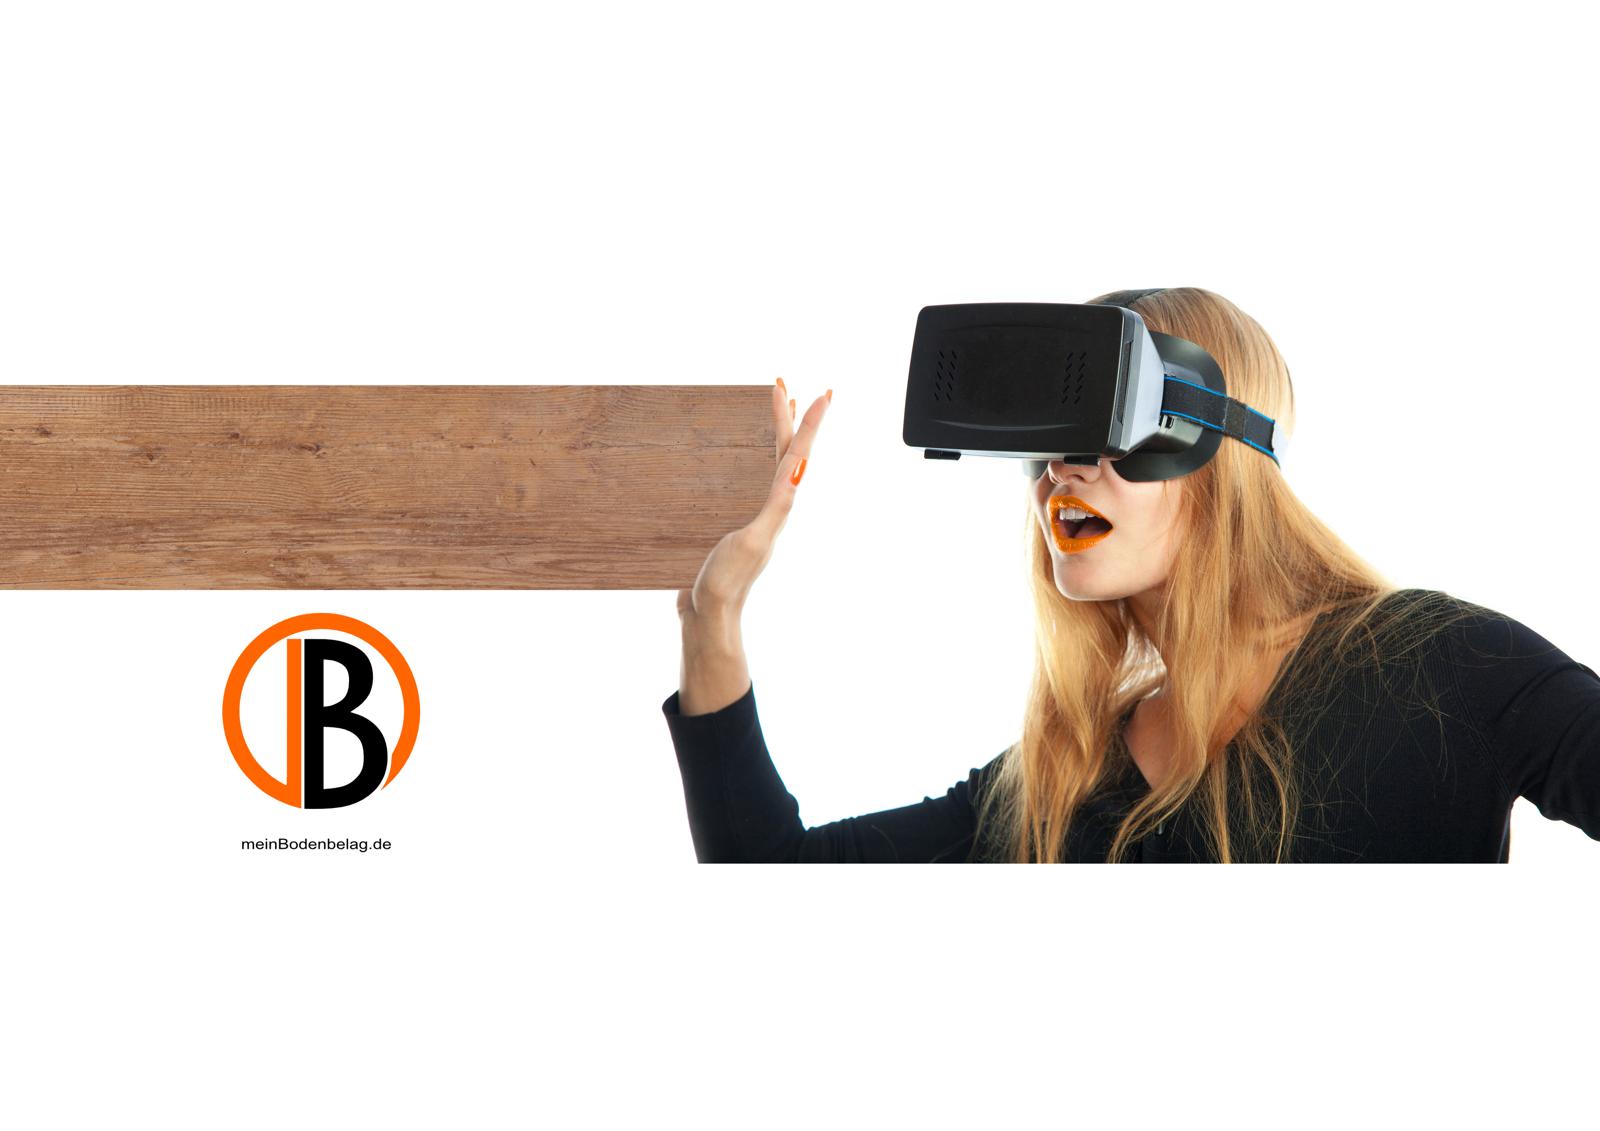 Digital und virtuell erleben Sie Ihren Boden bei meinBodenbelag.de